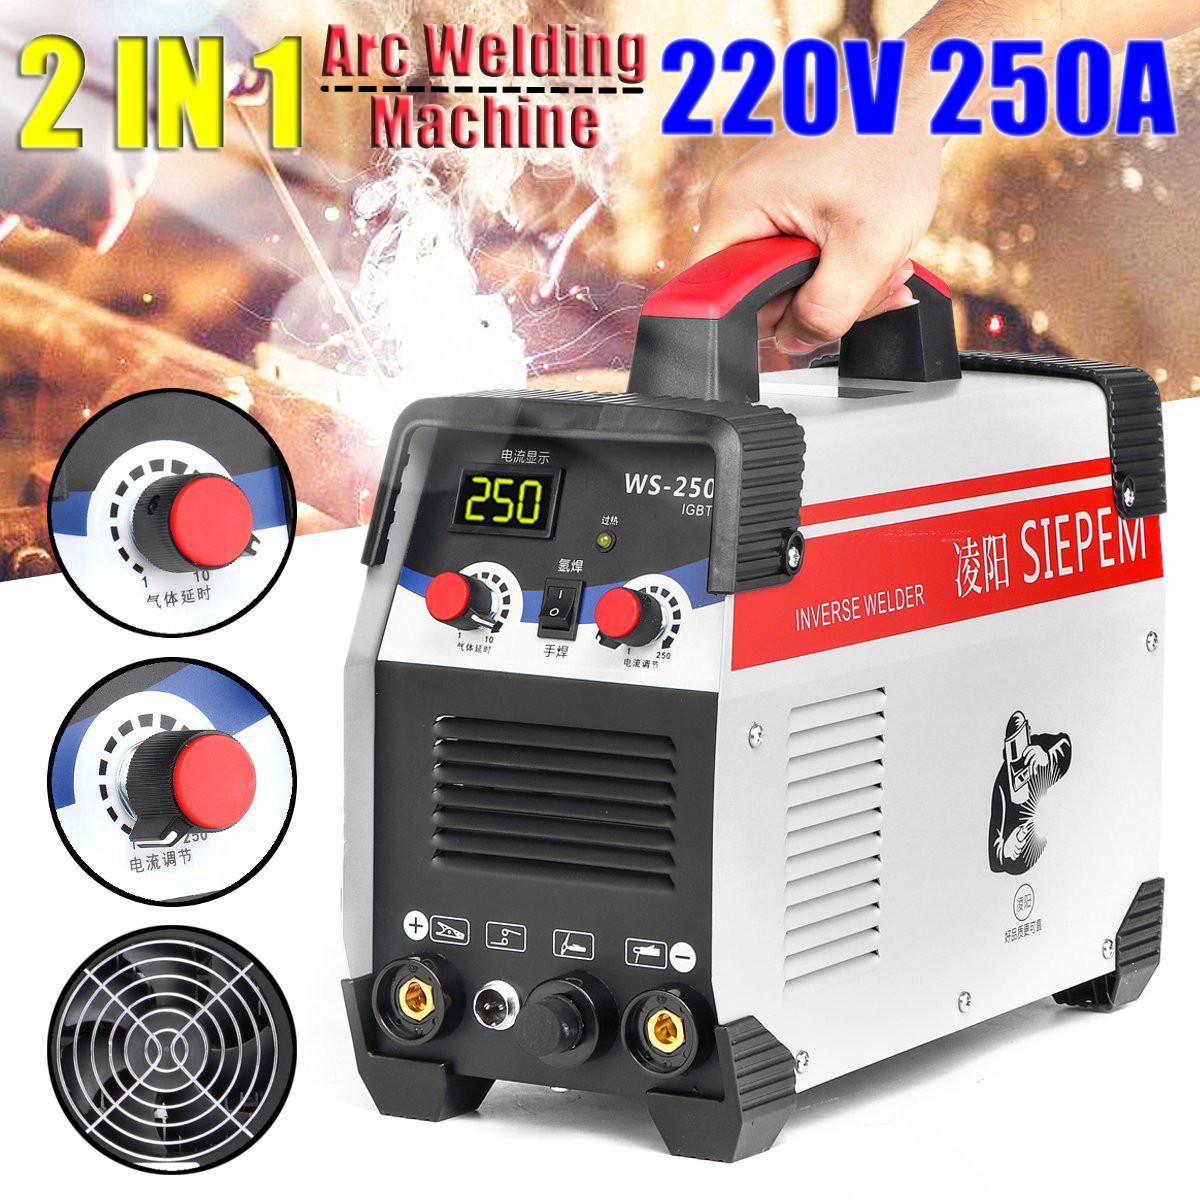 220В 250А IP21 7000 Вт инвертор Arc TIG 2 в 1 Электрический сварочный аппарат IGBT инвертор с разъемом для сварочных работ